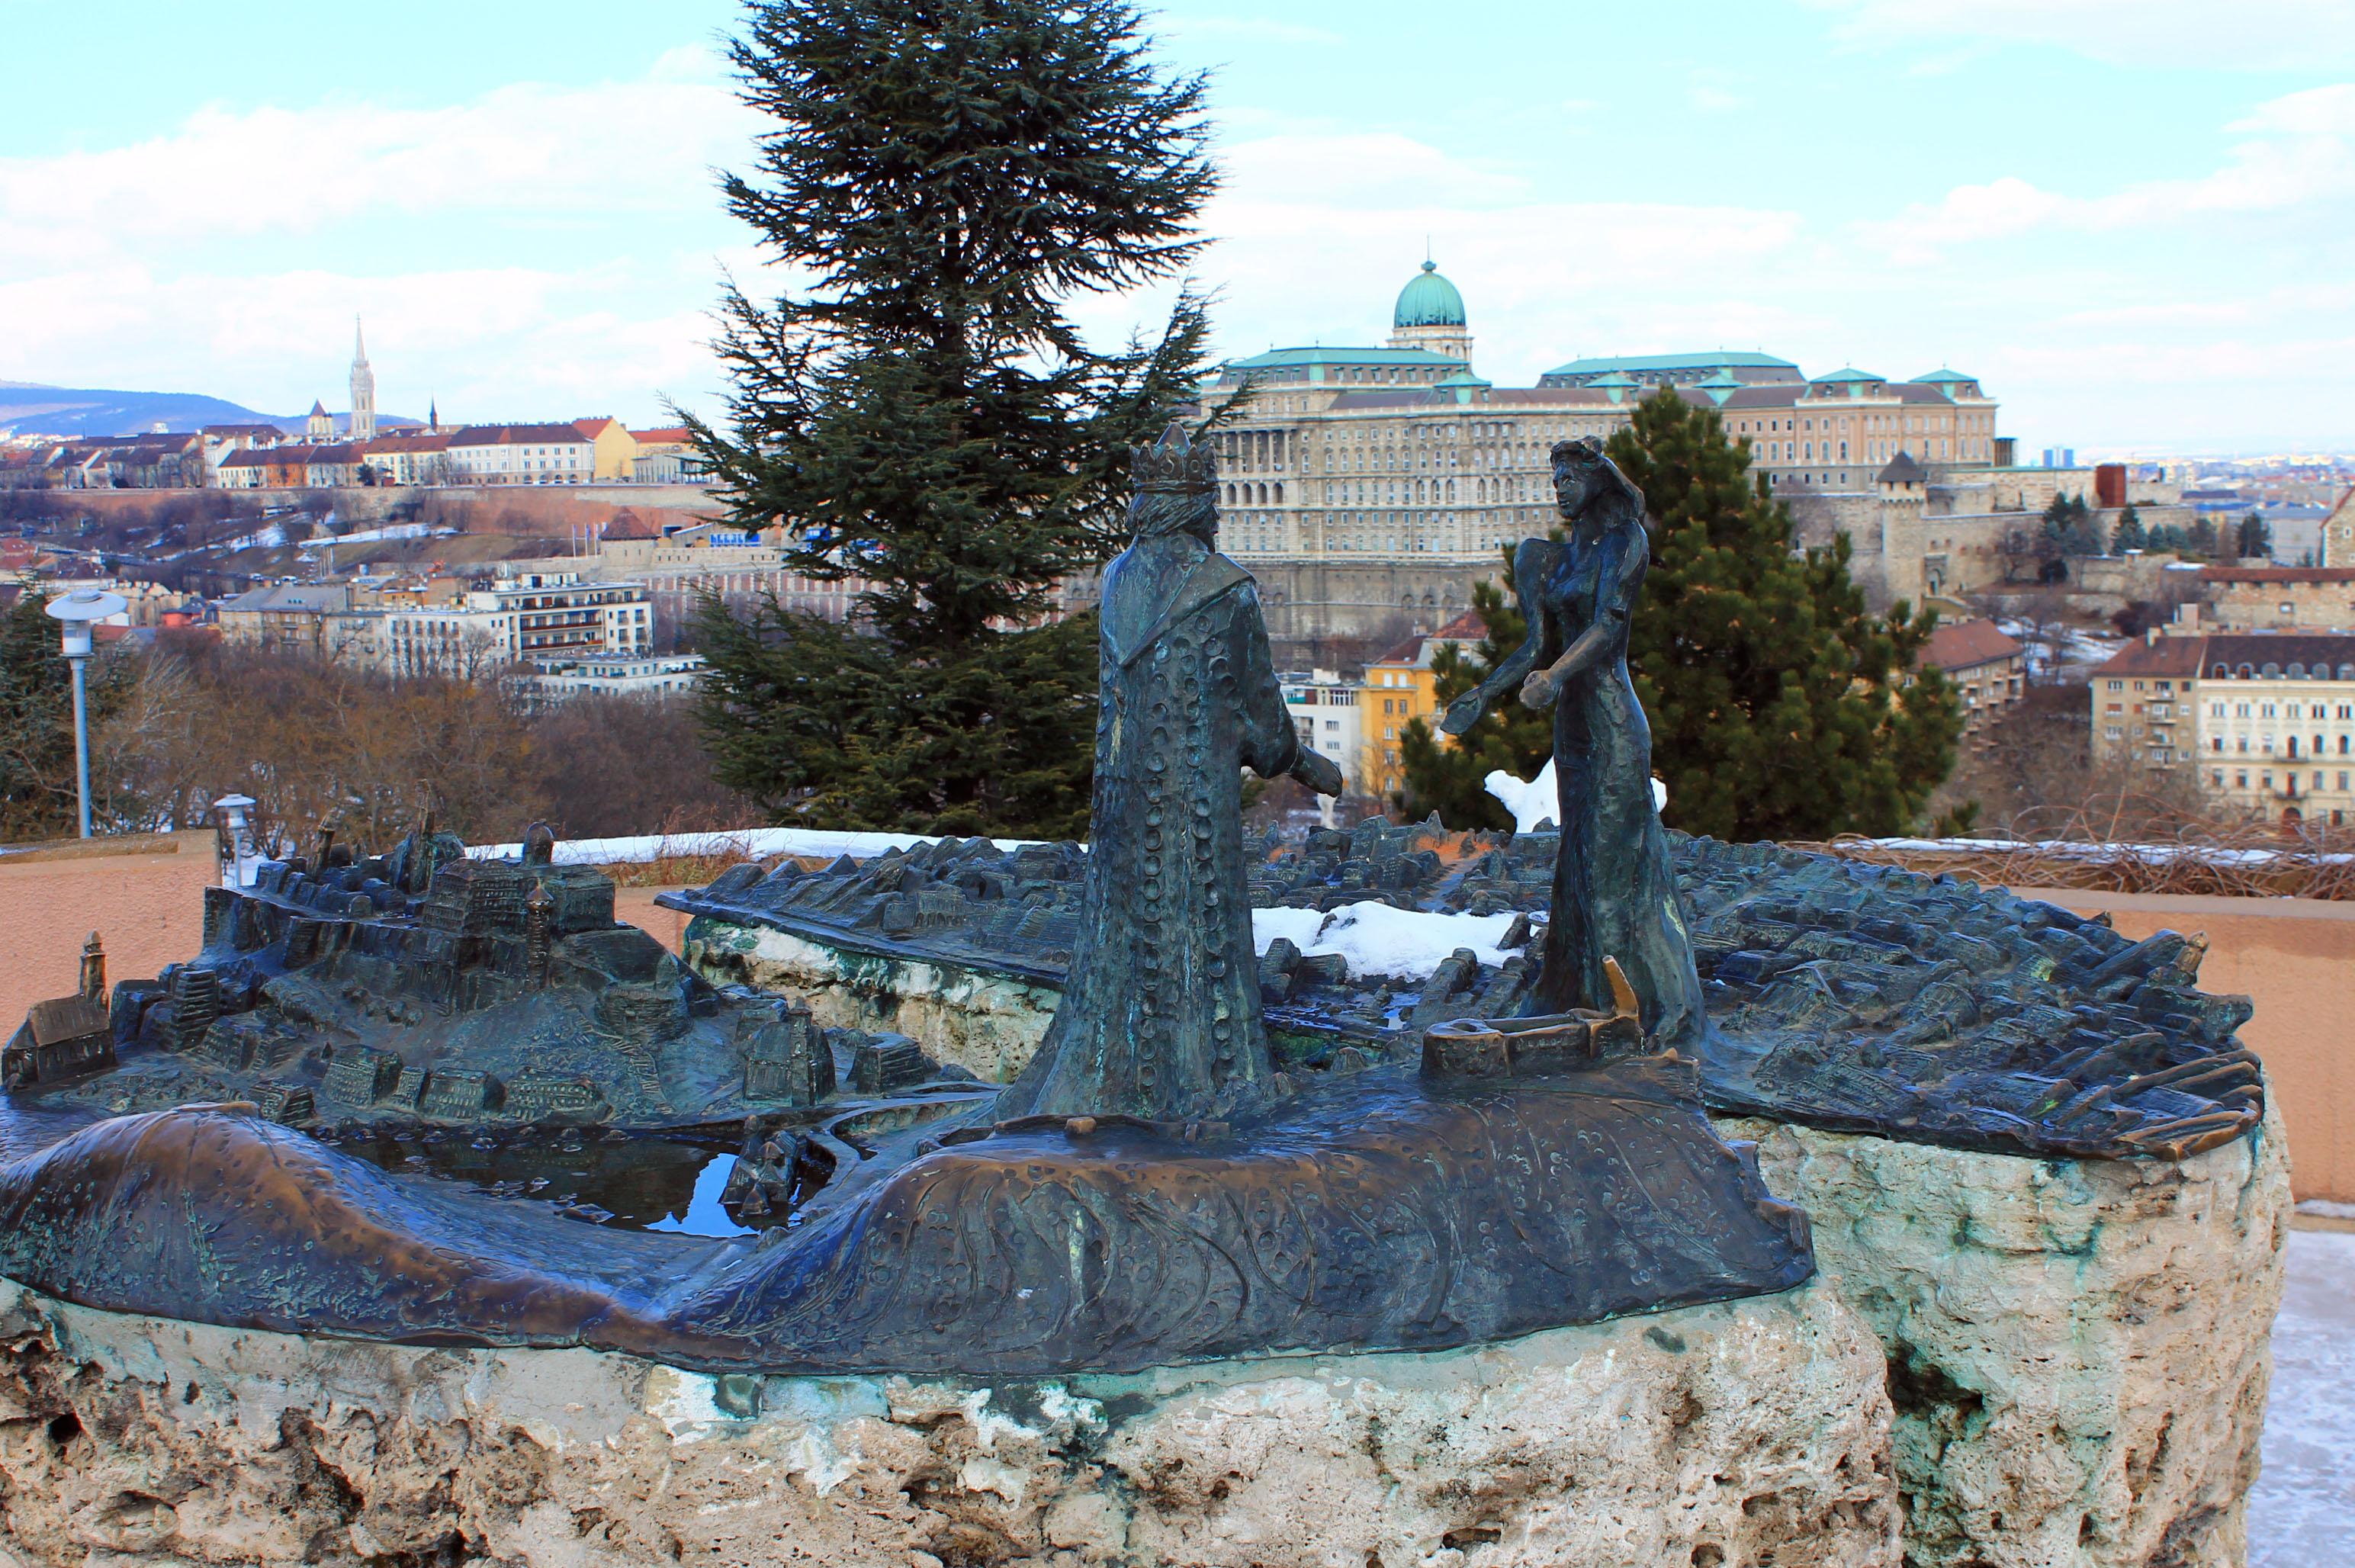 памятник на горе святого геллерта будапешт